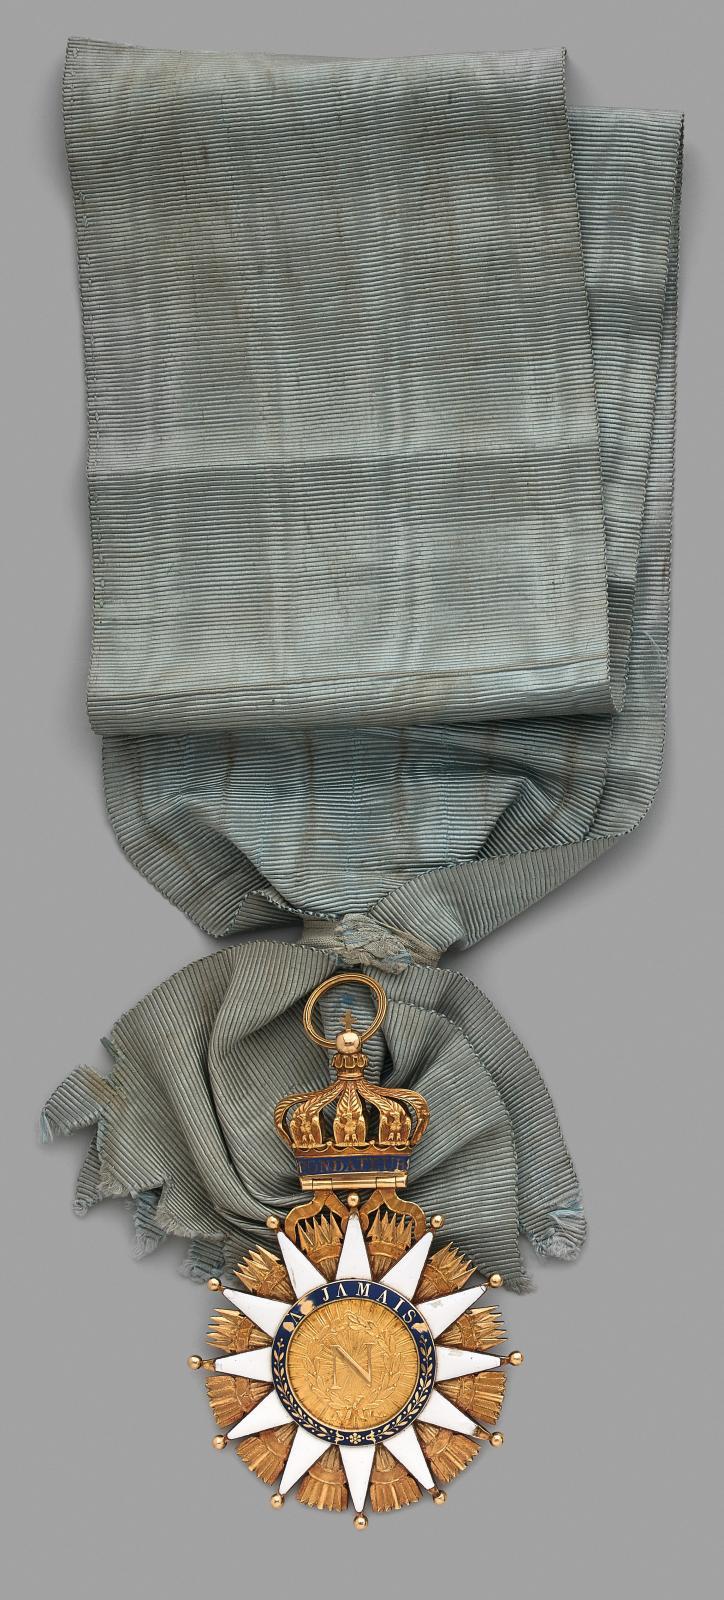 En 1811, par décret, l'empereur NapoléonIer crée l'ordre de la Réunion. Il prévoyait dès l'origine un nombre de deux cents grands-croix, mais la chut